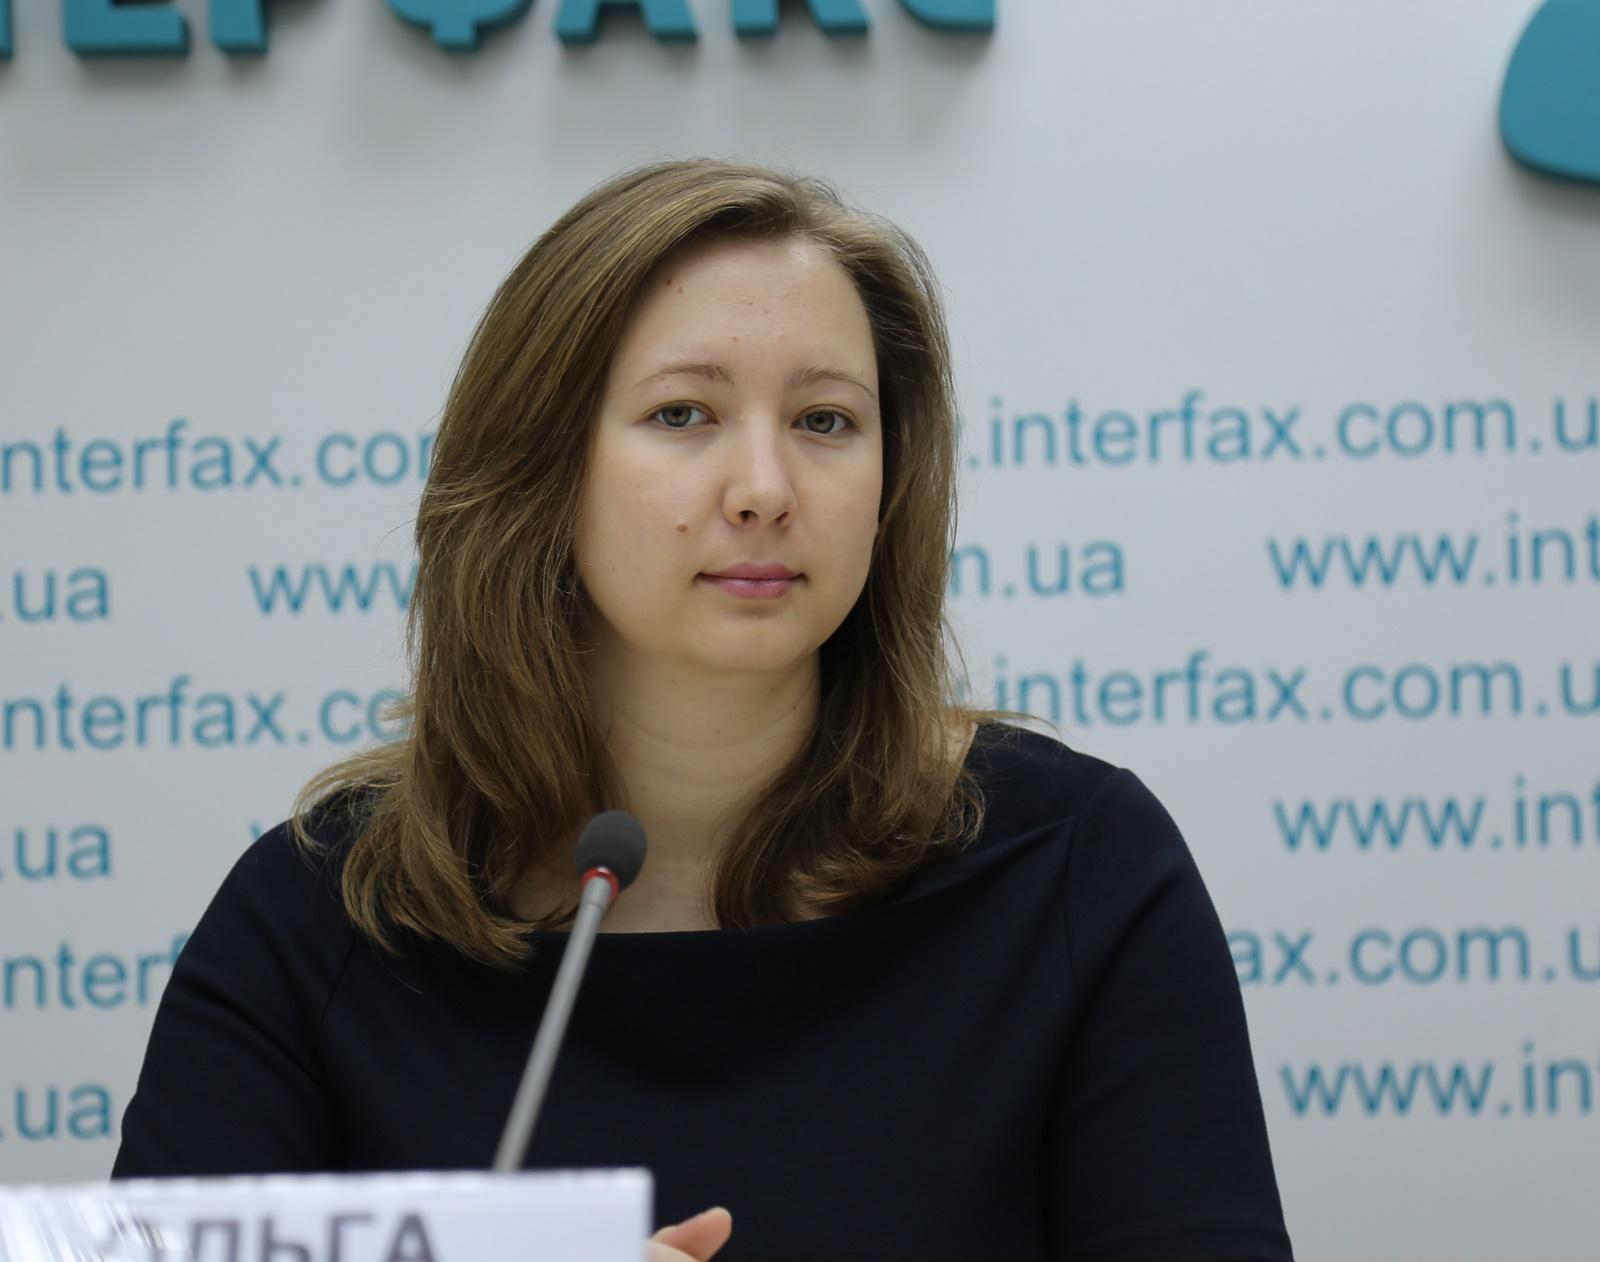 Правозихисники закликають скасувати законодавство, що обмежує права кримчан